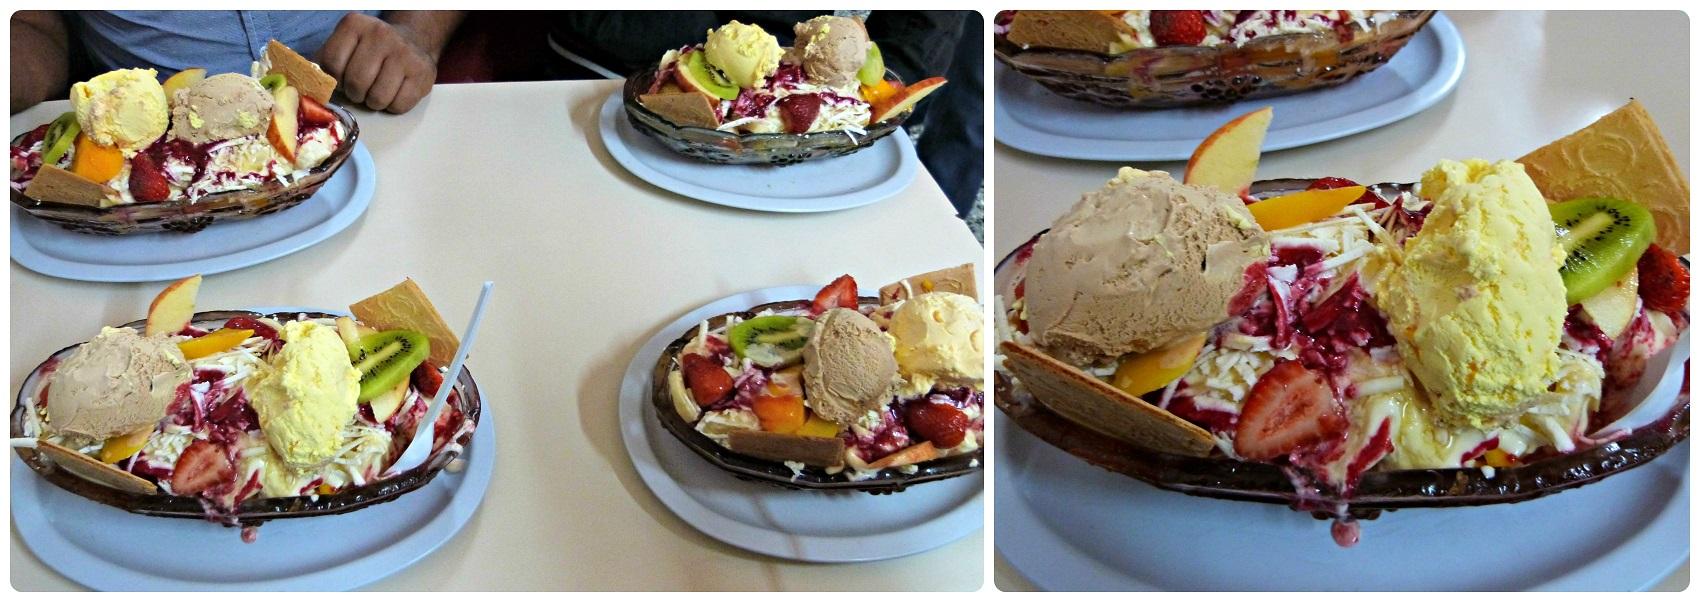 Salades de fruits, accompagnées de boules de glace, que nous avons commandés à Bogotá